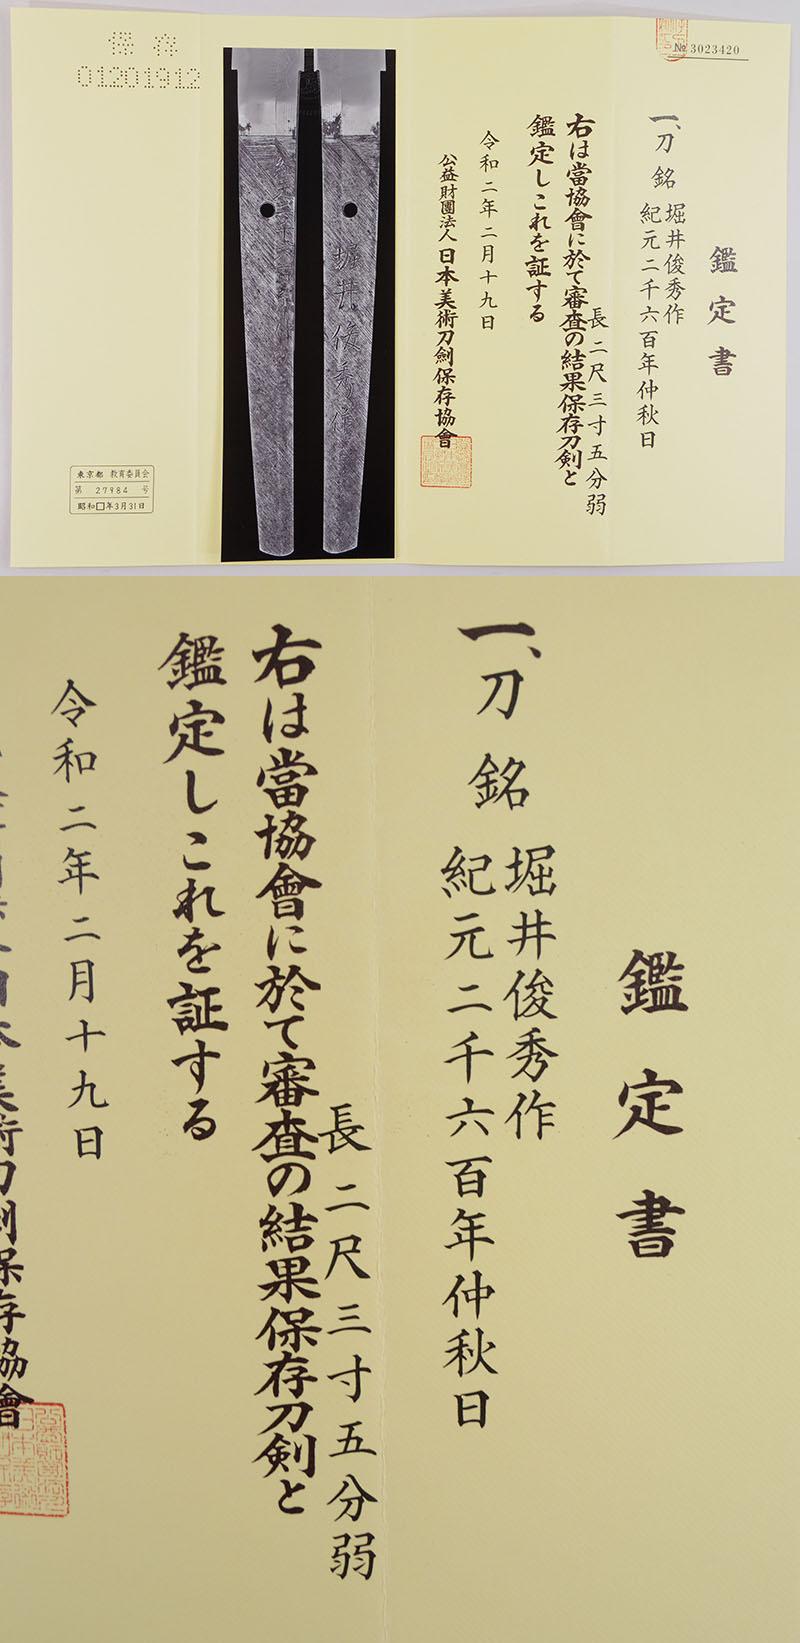 堀井俊秀作 紀元二千六百年仲秋日鑑定書画像